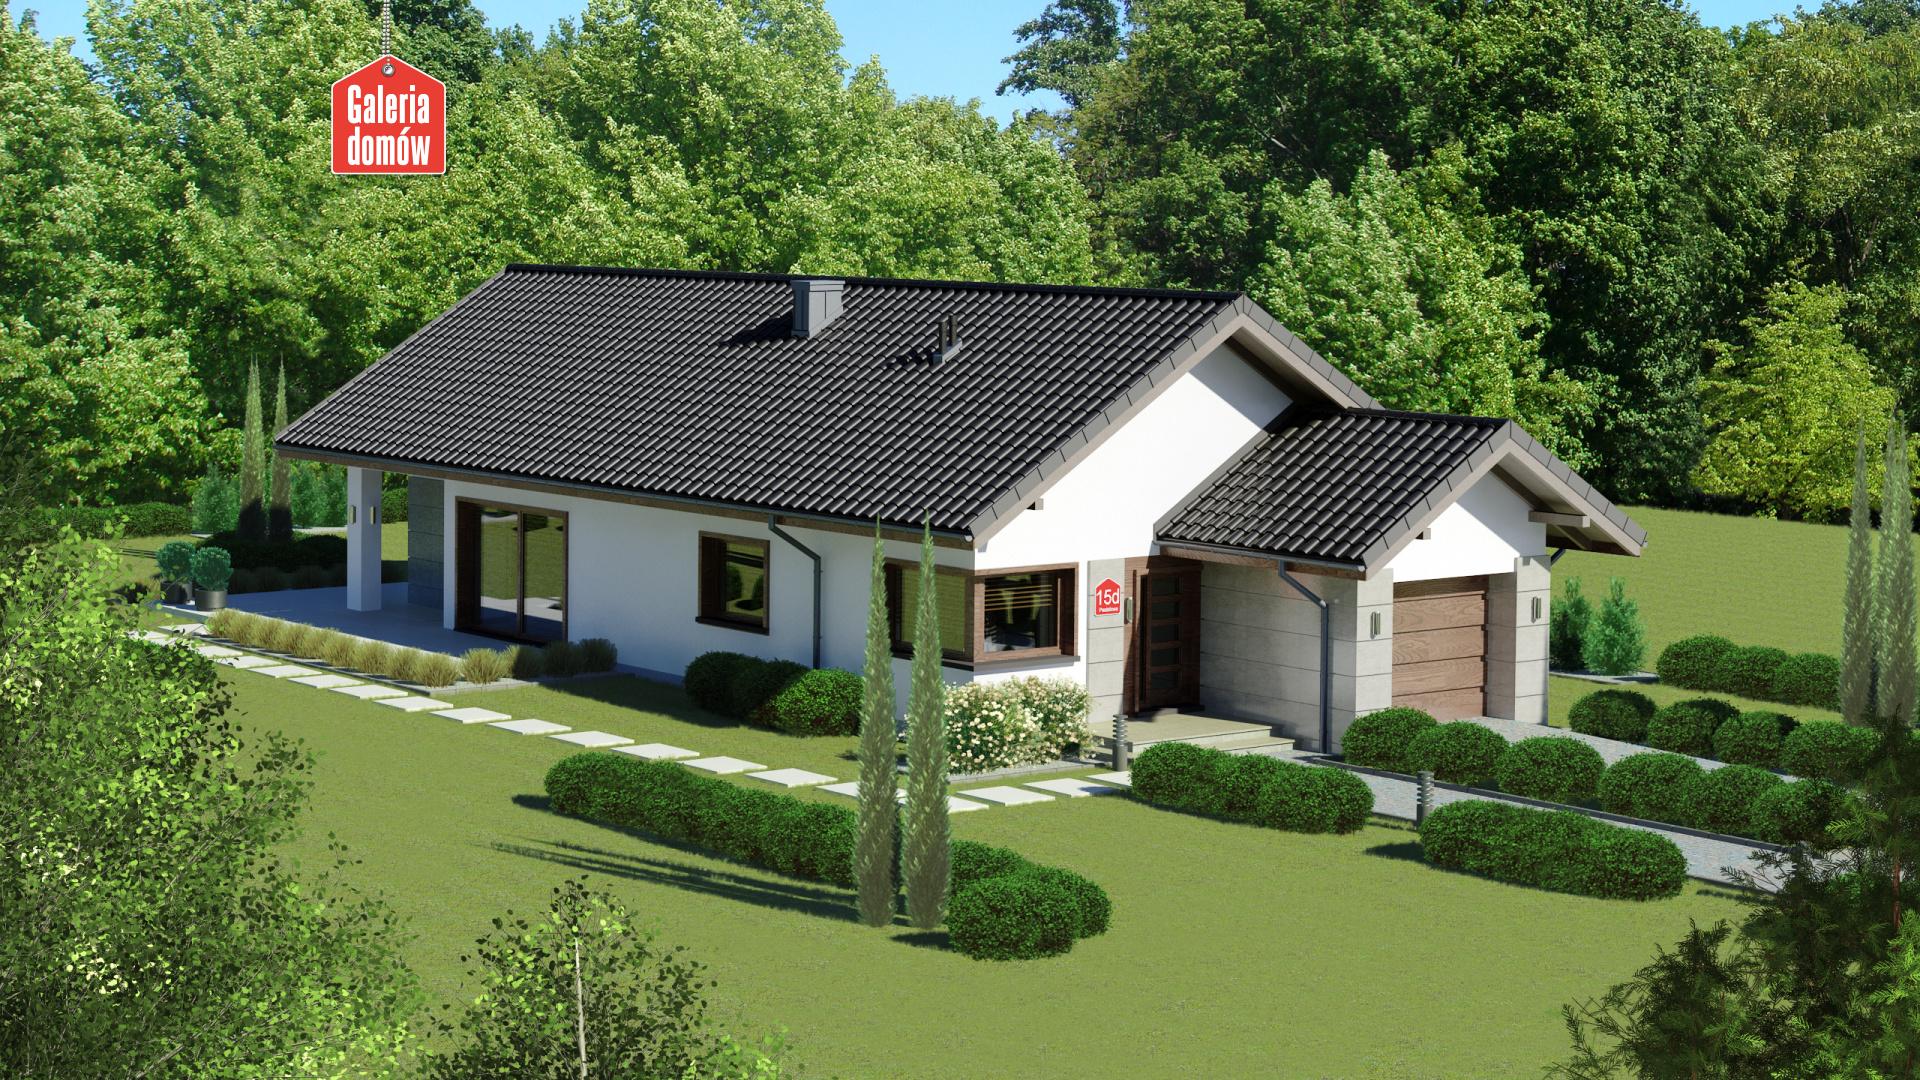 Dom przy Pastelowej 15 D bis - zdjęcie projektu i wizualizacja